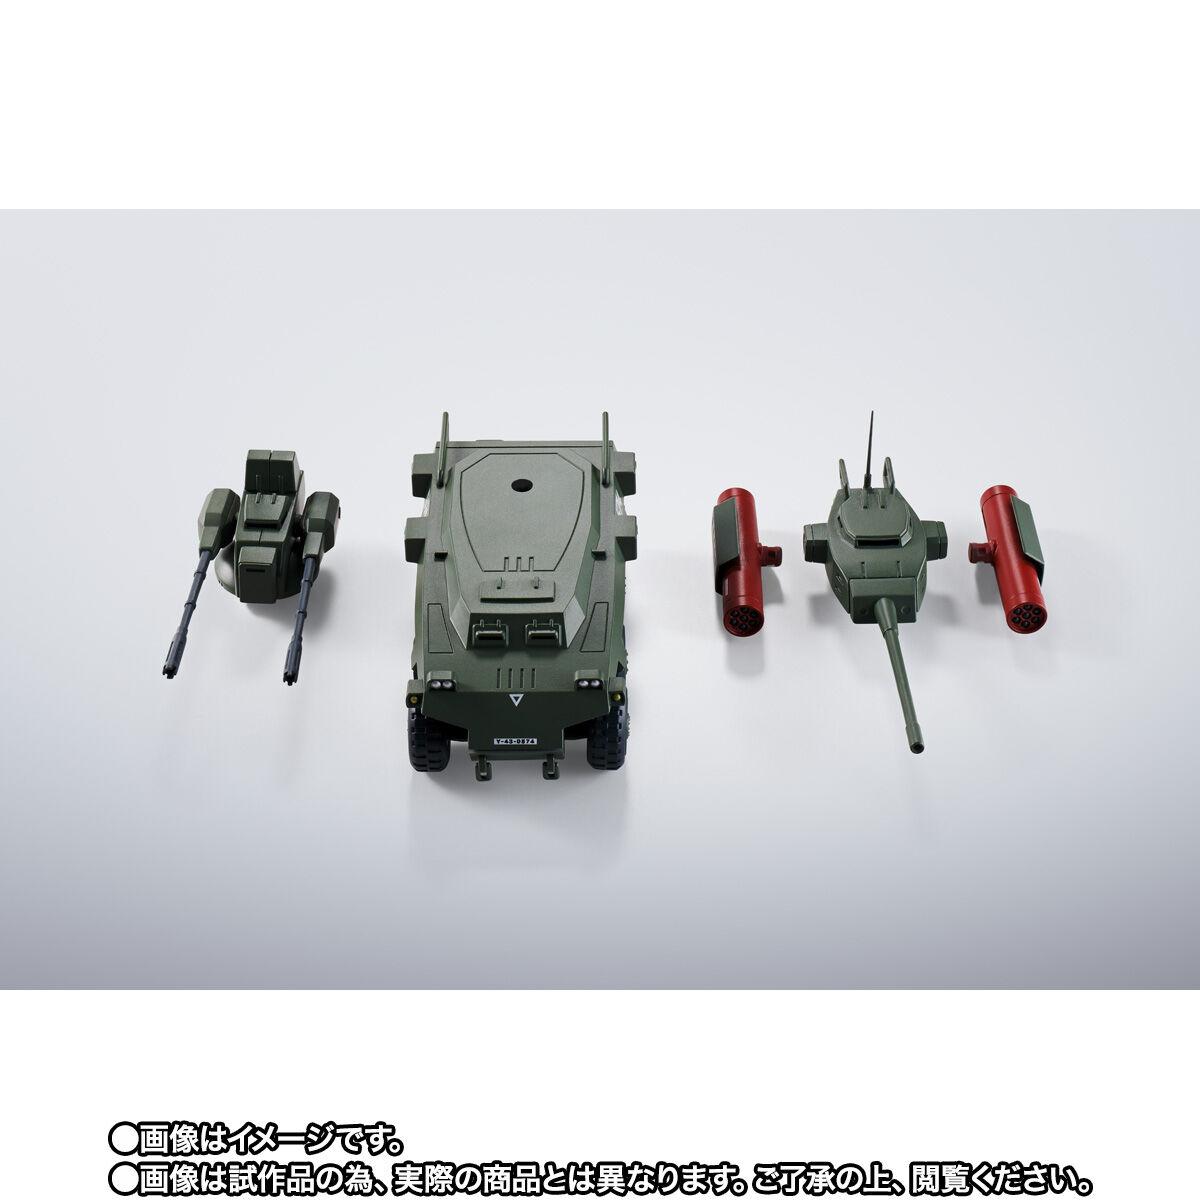 【限定販売】HI-METAL R『ダグラム & インステッド 40th Anniv.』太陽の牙ダグラム 可動フィギュア-009